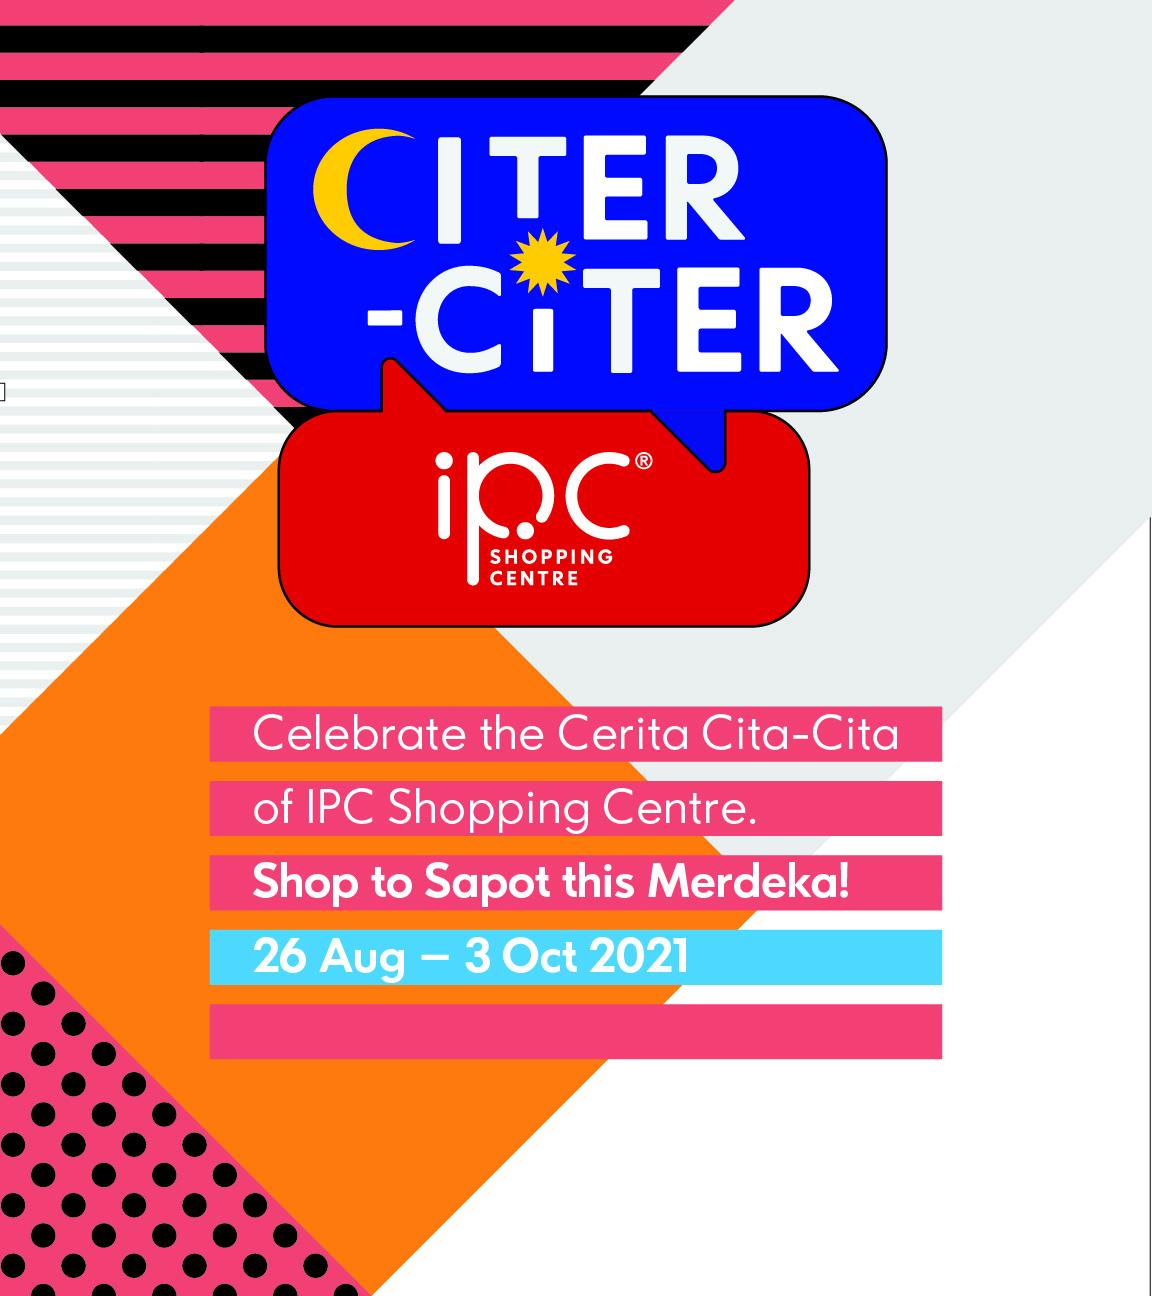 Citer-Citer